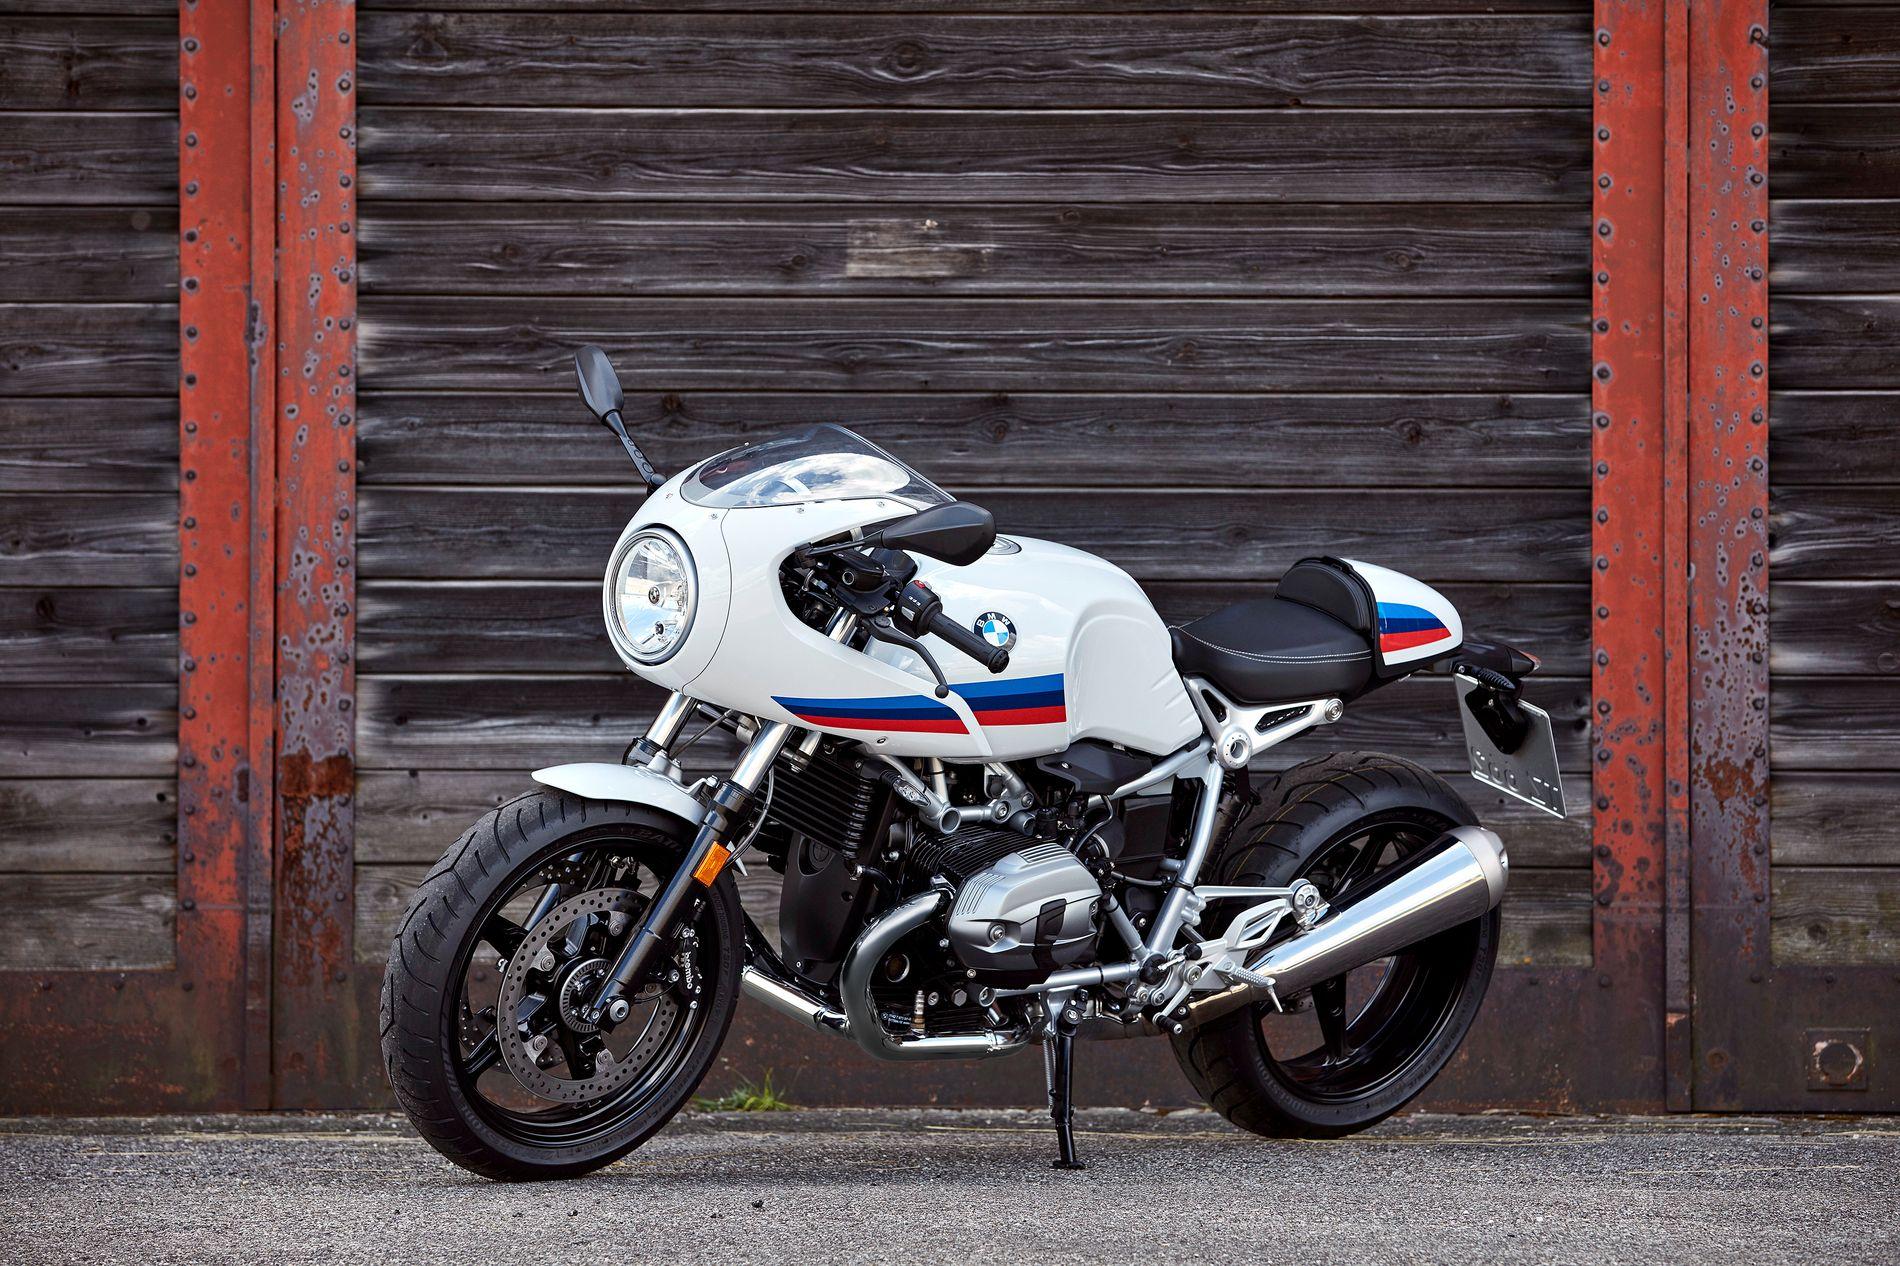 R nineT Racer - medium